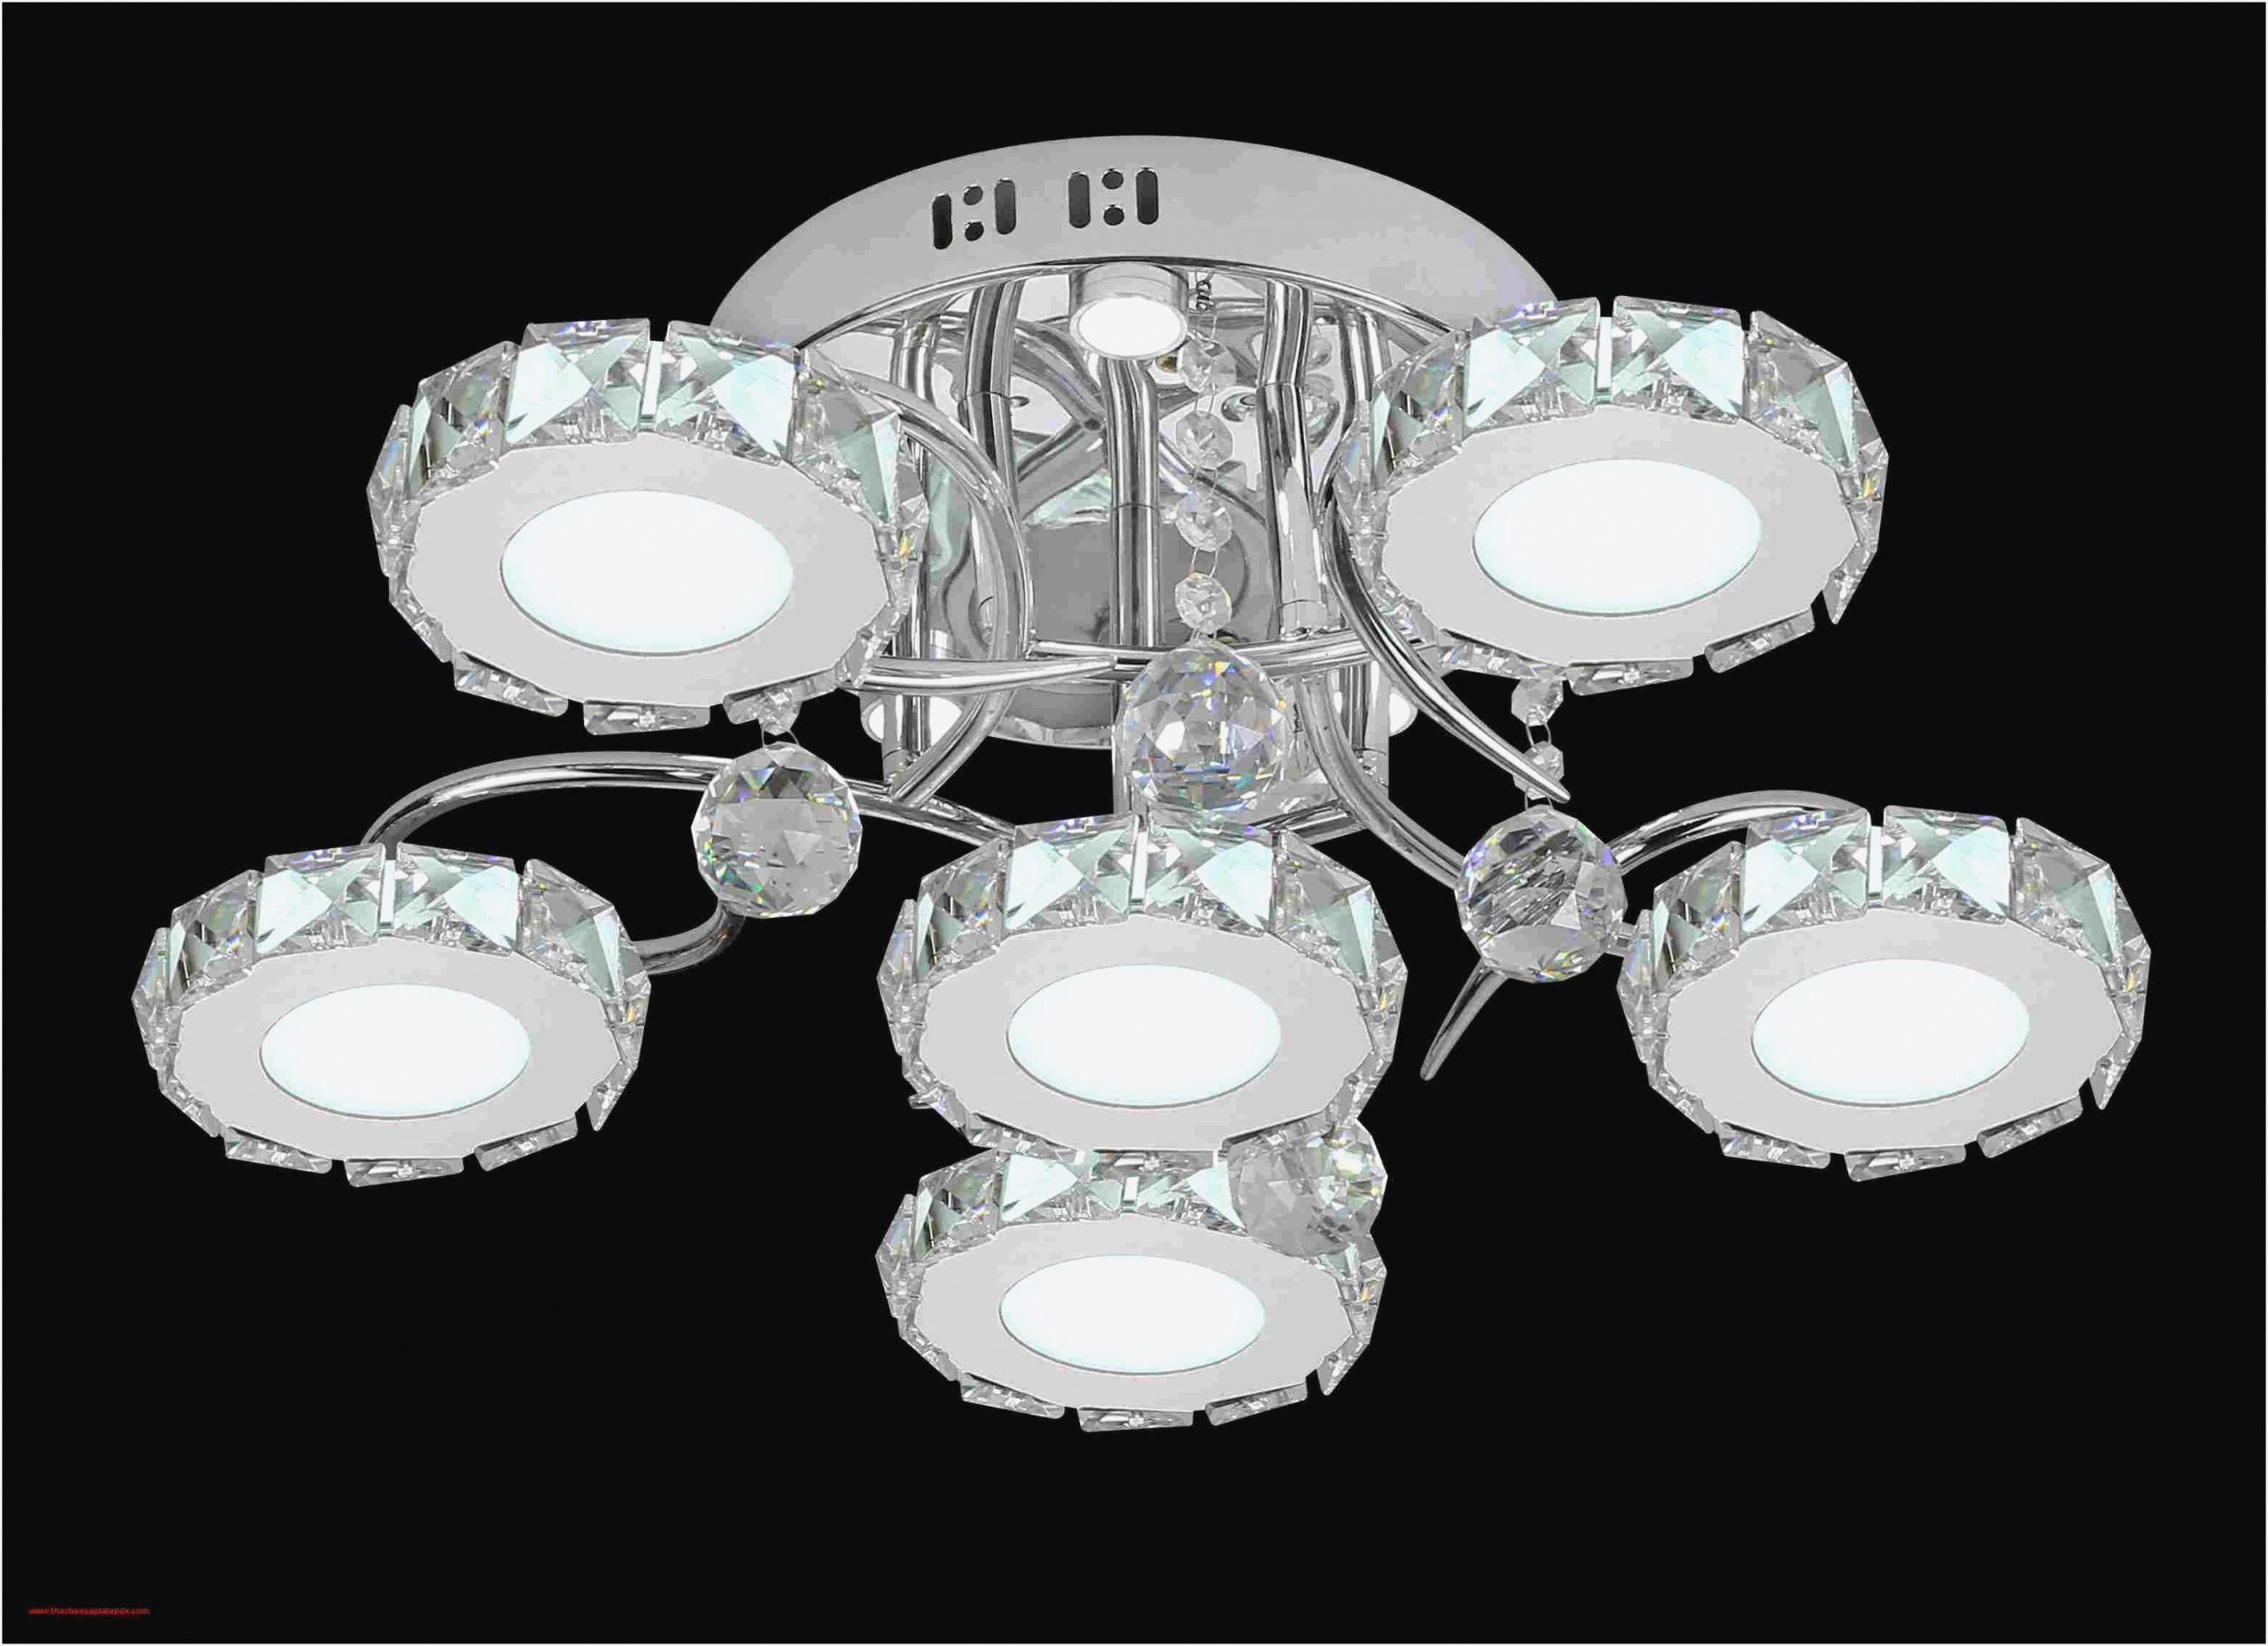 Full Size of Deckenlampe Kinderzimmer 4 Flamkig Traumhaus Regal Weiß Deckenlampen Wohnzimmer Modern Küche Regale Schlafzimmer Bad Für Esstisch Sofa Kinderzimmer Deckenlampe Kinderzimmer